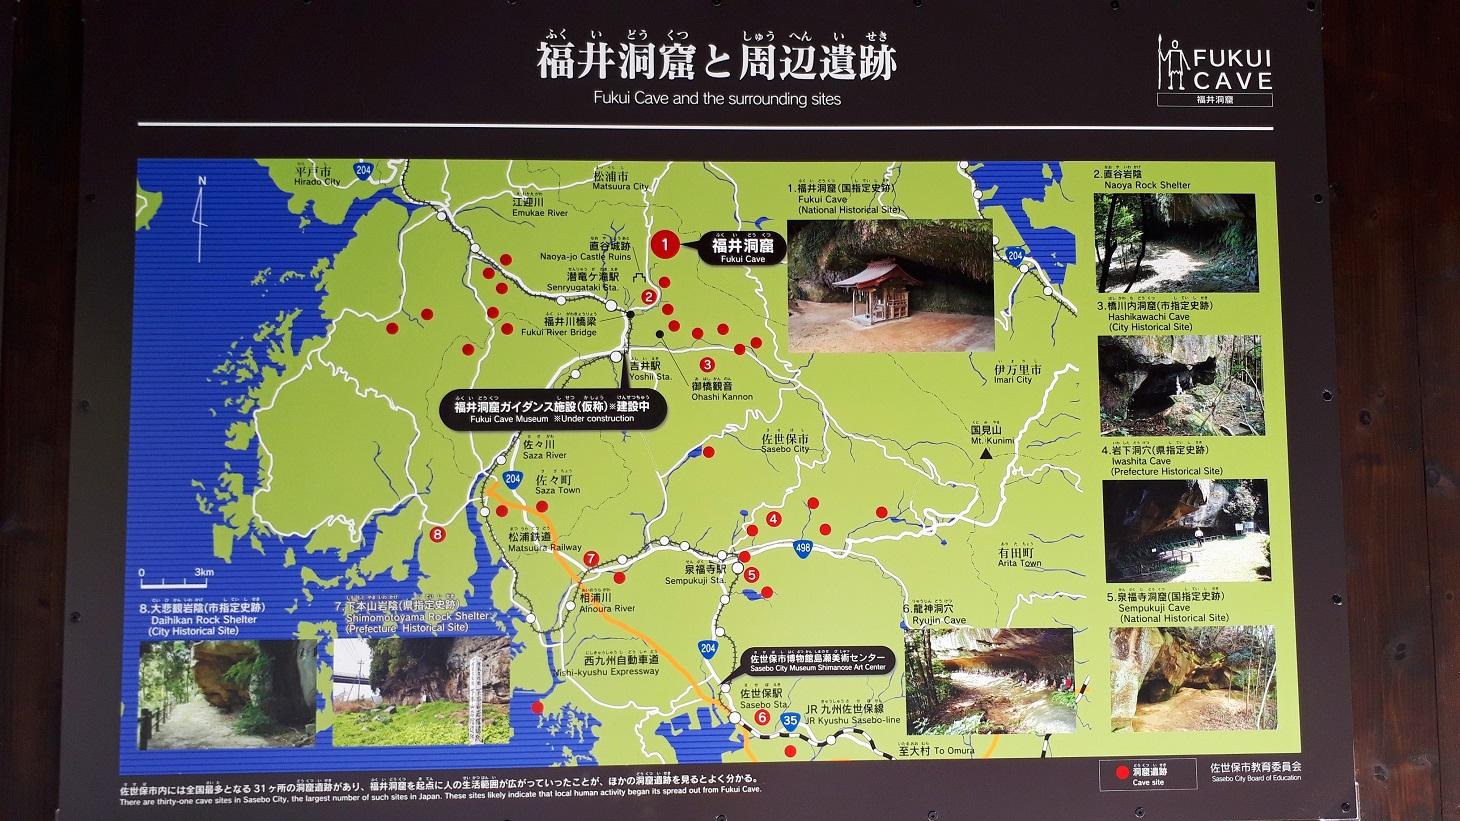 福井洞窟と周辺遺跡マップ fukuicave